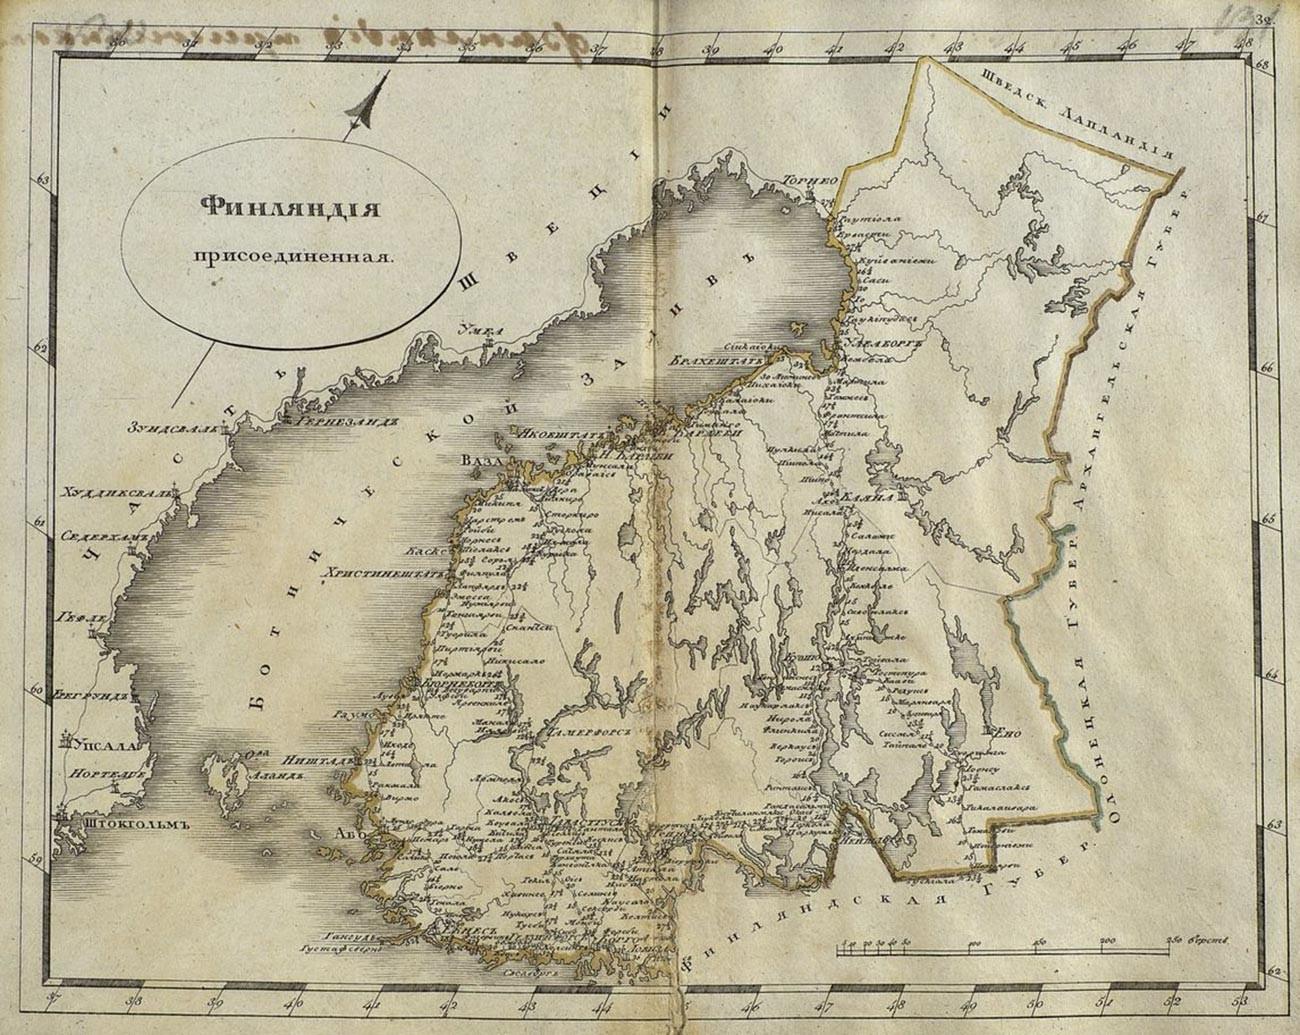 La Finlande rattachée à la Russie impériale